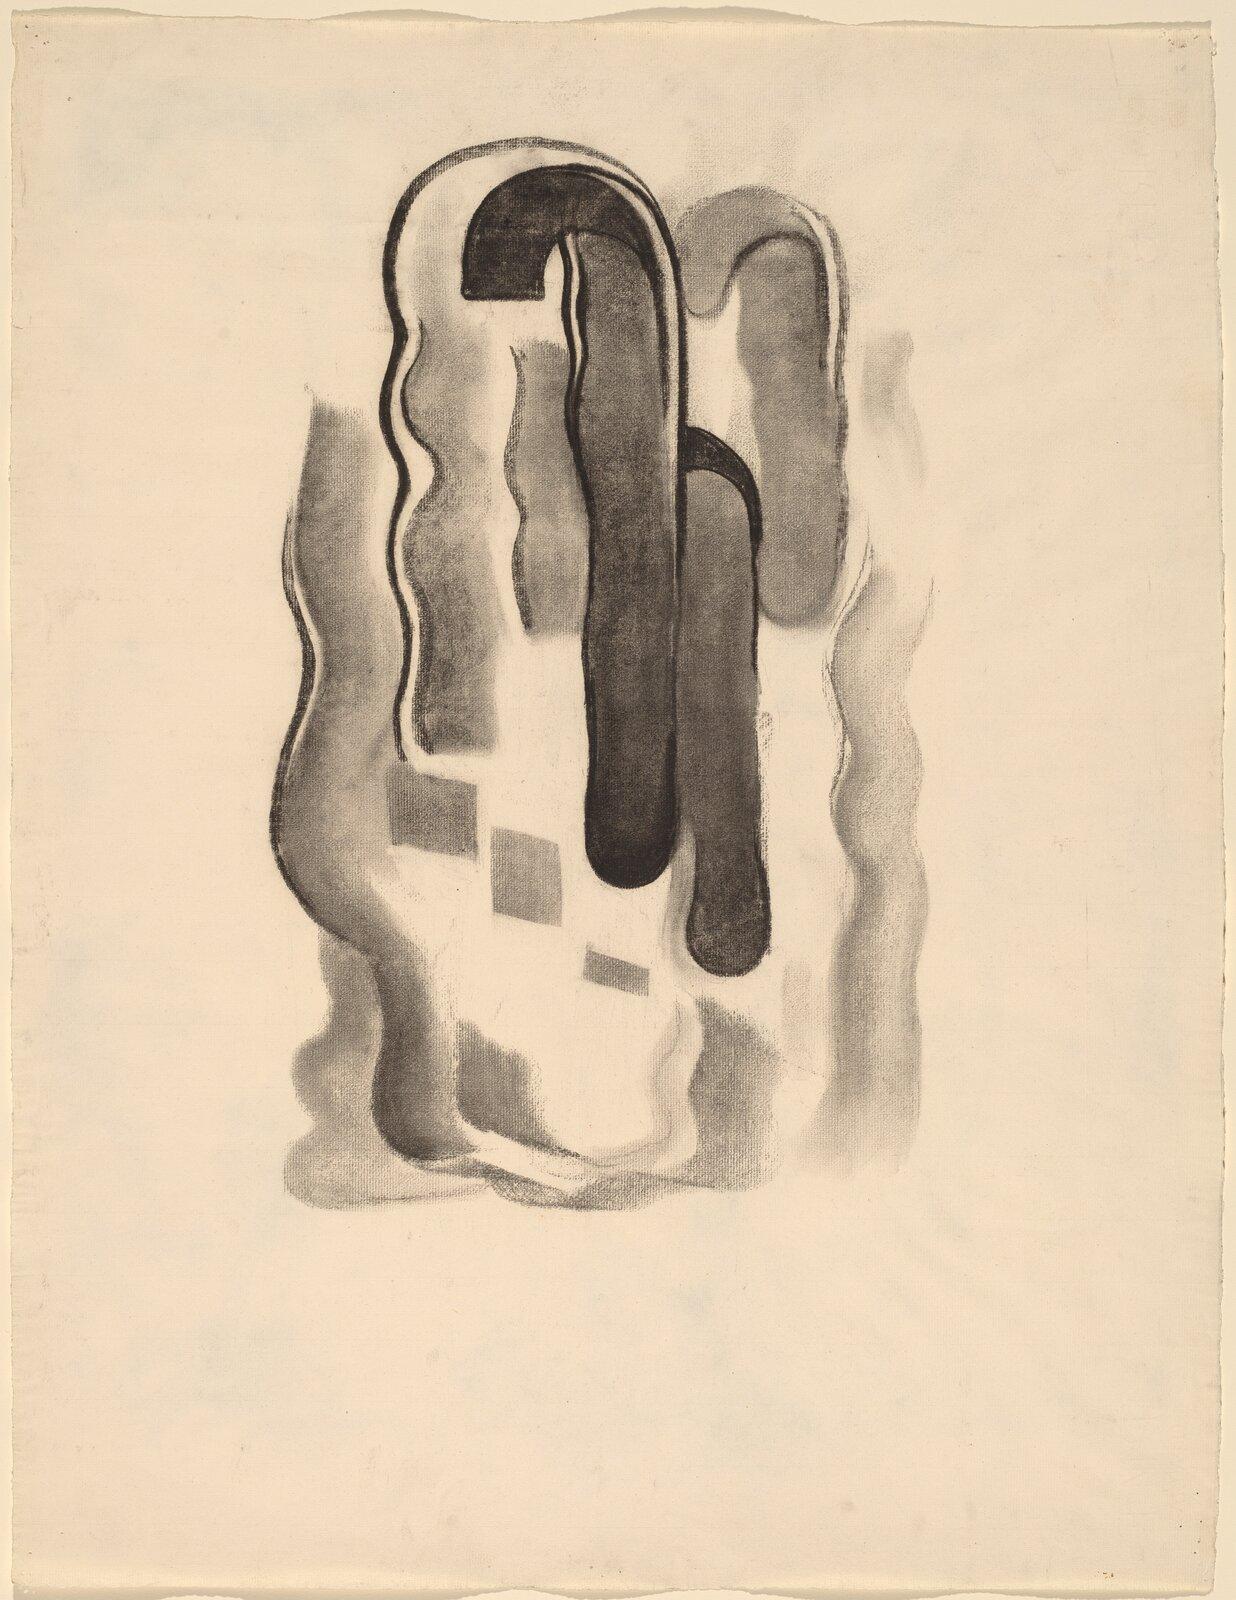 """Ilustracja przedstawia rysunek """"Numer 7 specjalny"""" autorstwa Georgii O'Keeffe. Zamknięta, statyczna kompozycja ukazuje formę abstrakcyjną. Na środku pożółkłej kartki znajdują się narysowane czarnym węglem szerokie iwąskie linie oróżnym natężeniu, układające się wkształt otwartej dłoni."""